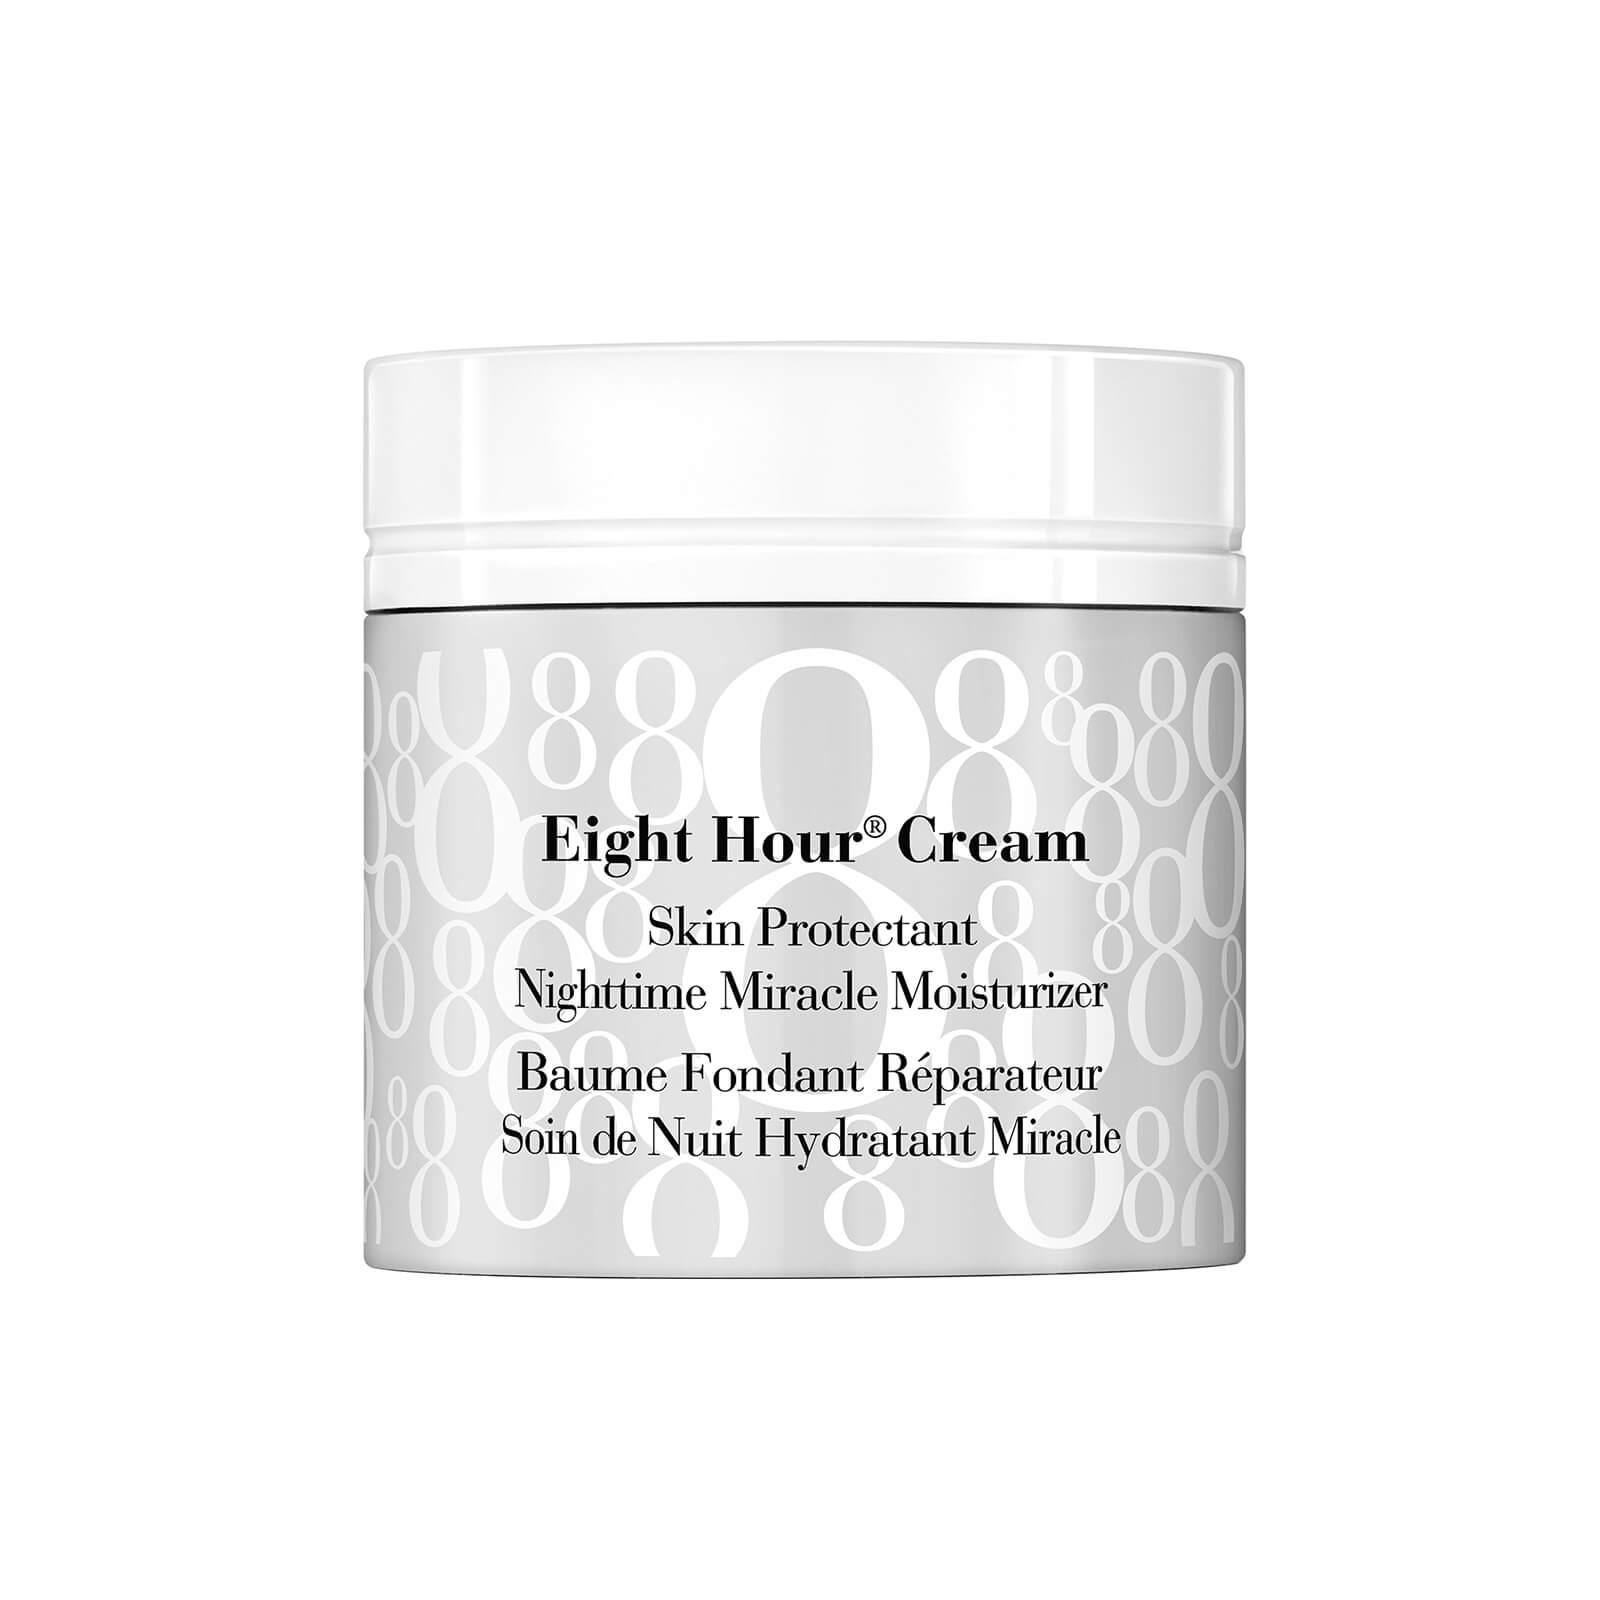 elizabeth arden eight hour cream ingredients